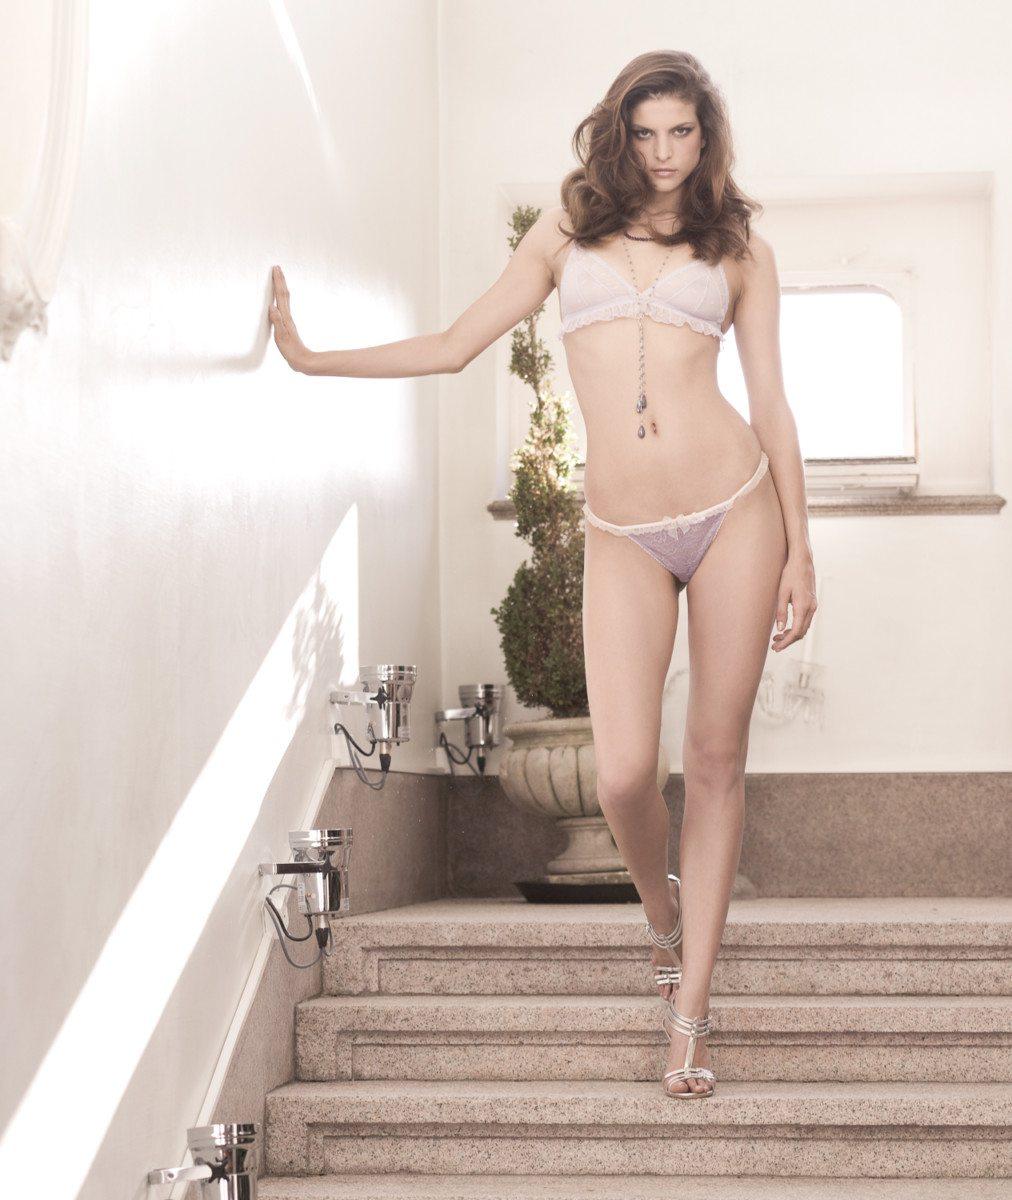 Joelle Frederick aus Vereinigte Staaten - Model